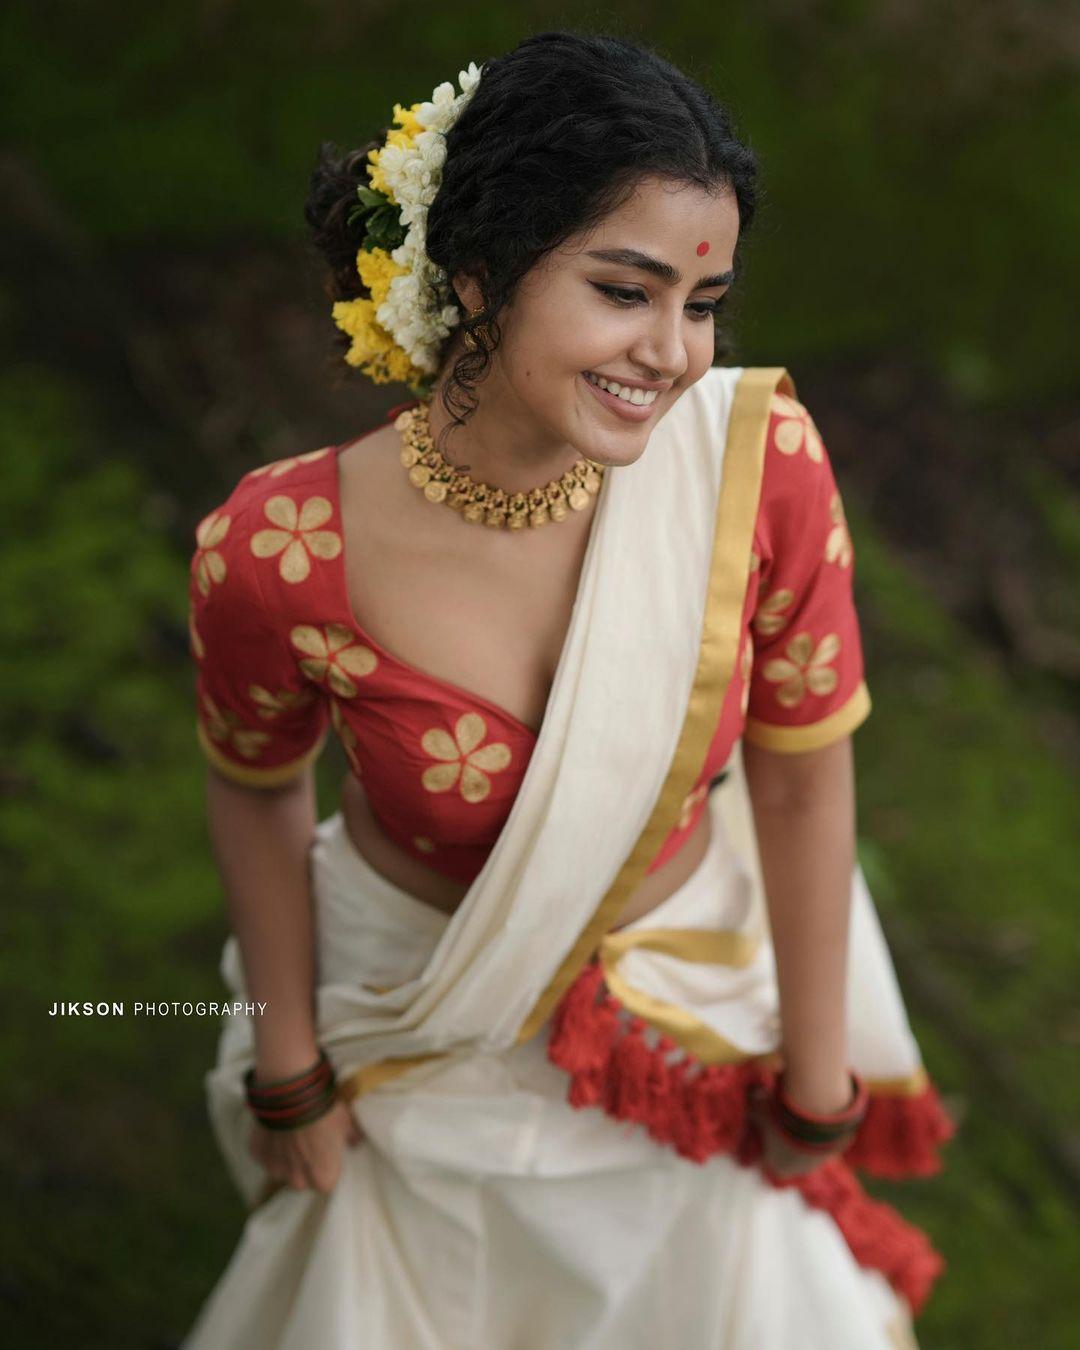 Anupama-Parameswaran-Onam-Photoshoot-3